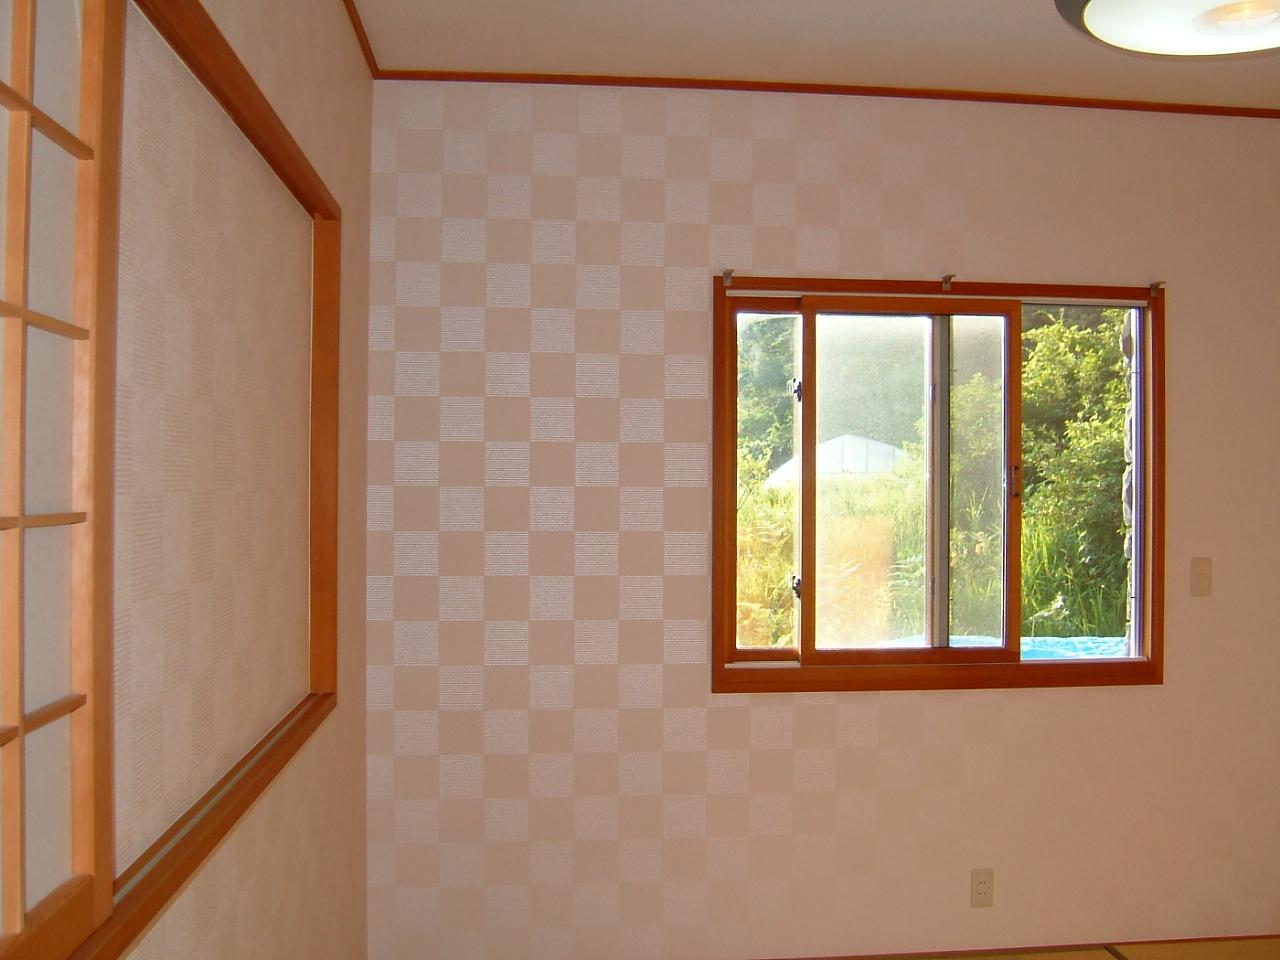 壁紙の張替え工事です 諏訪 松本 北杜エリアの内装リフォーム 名